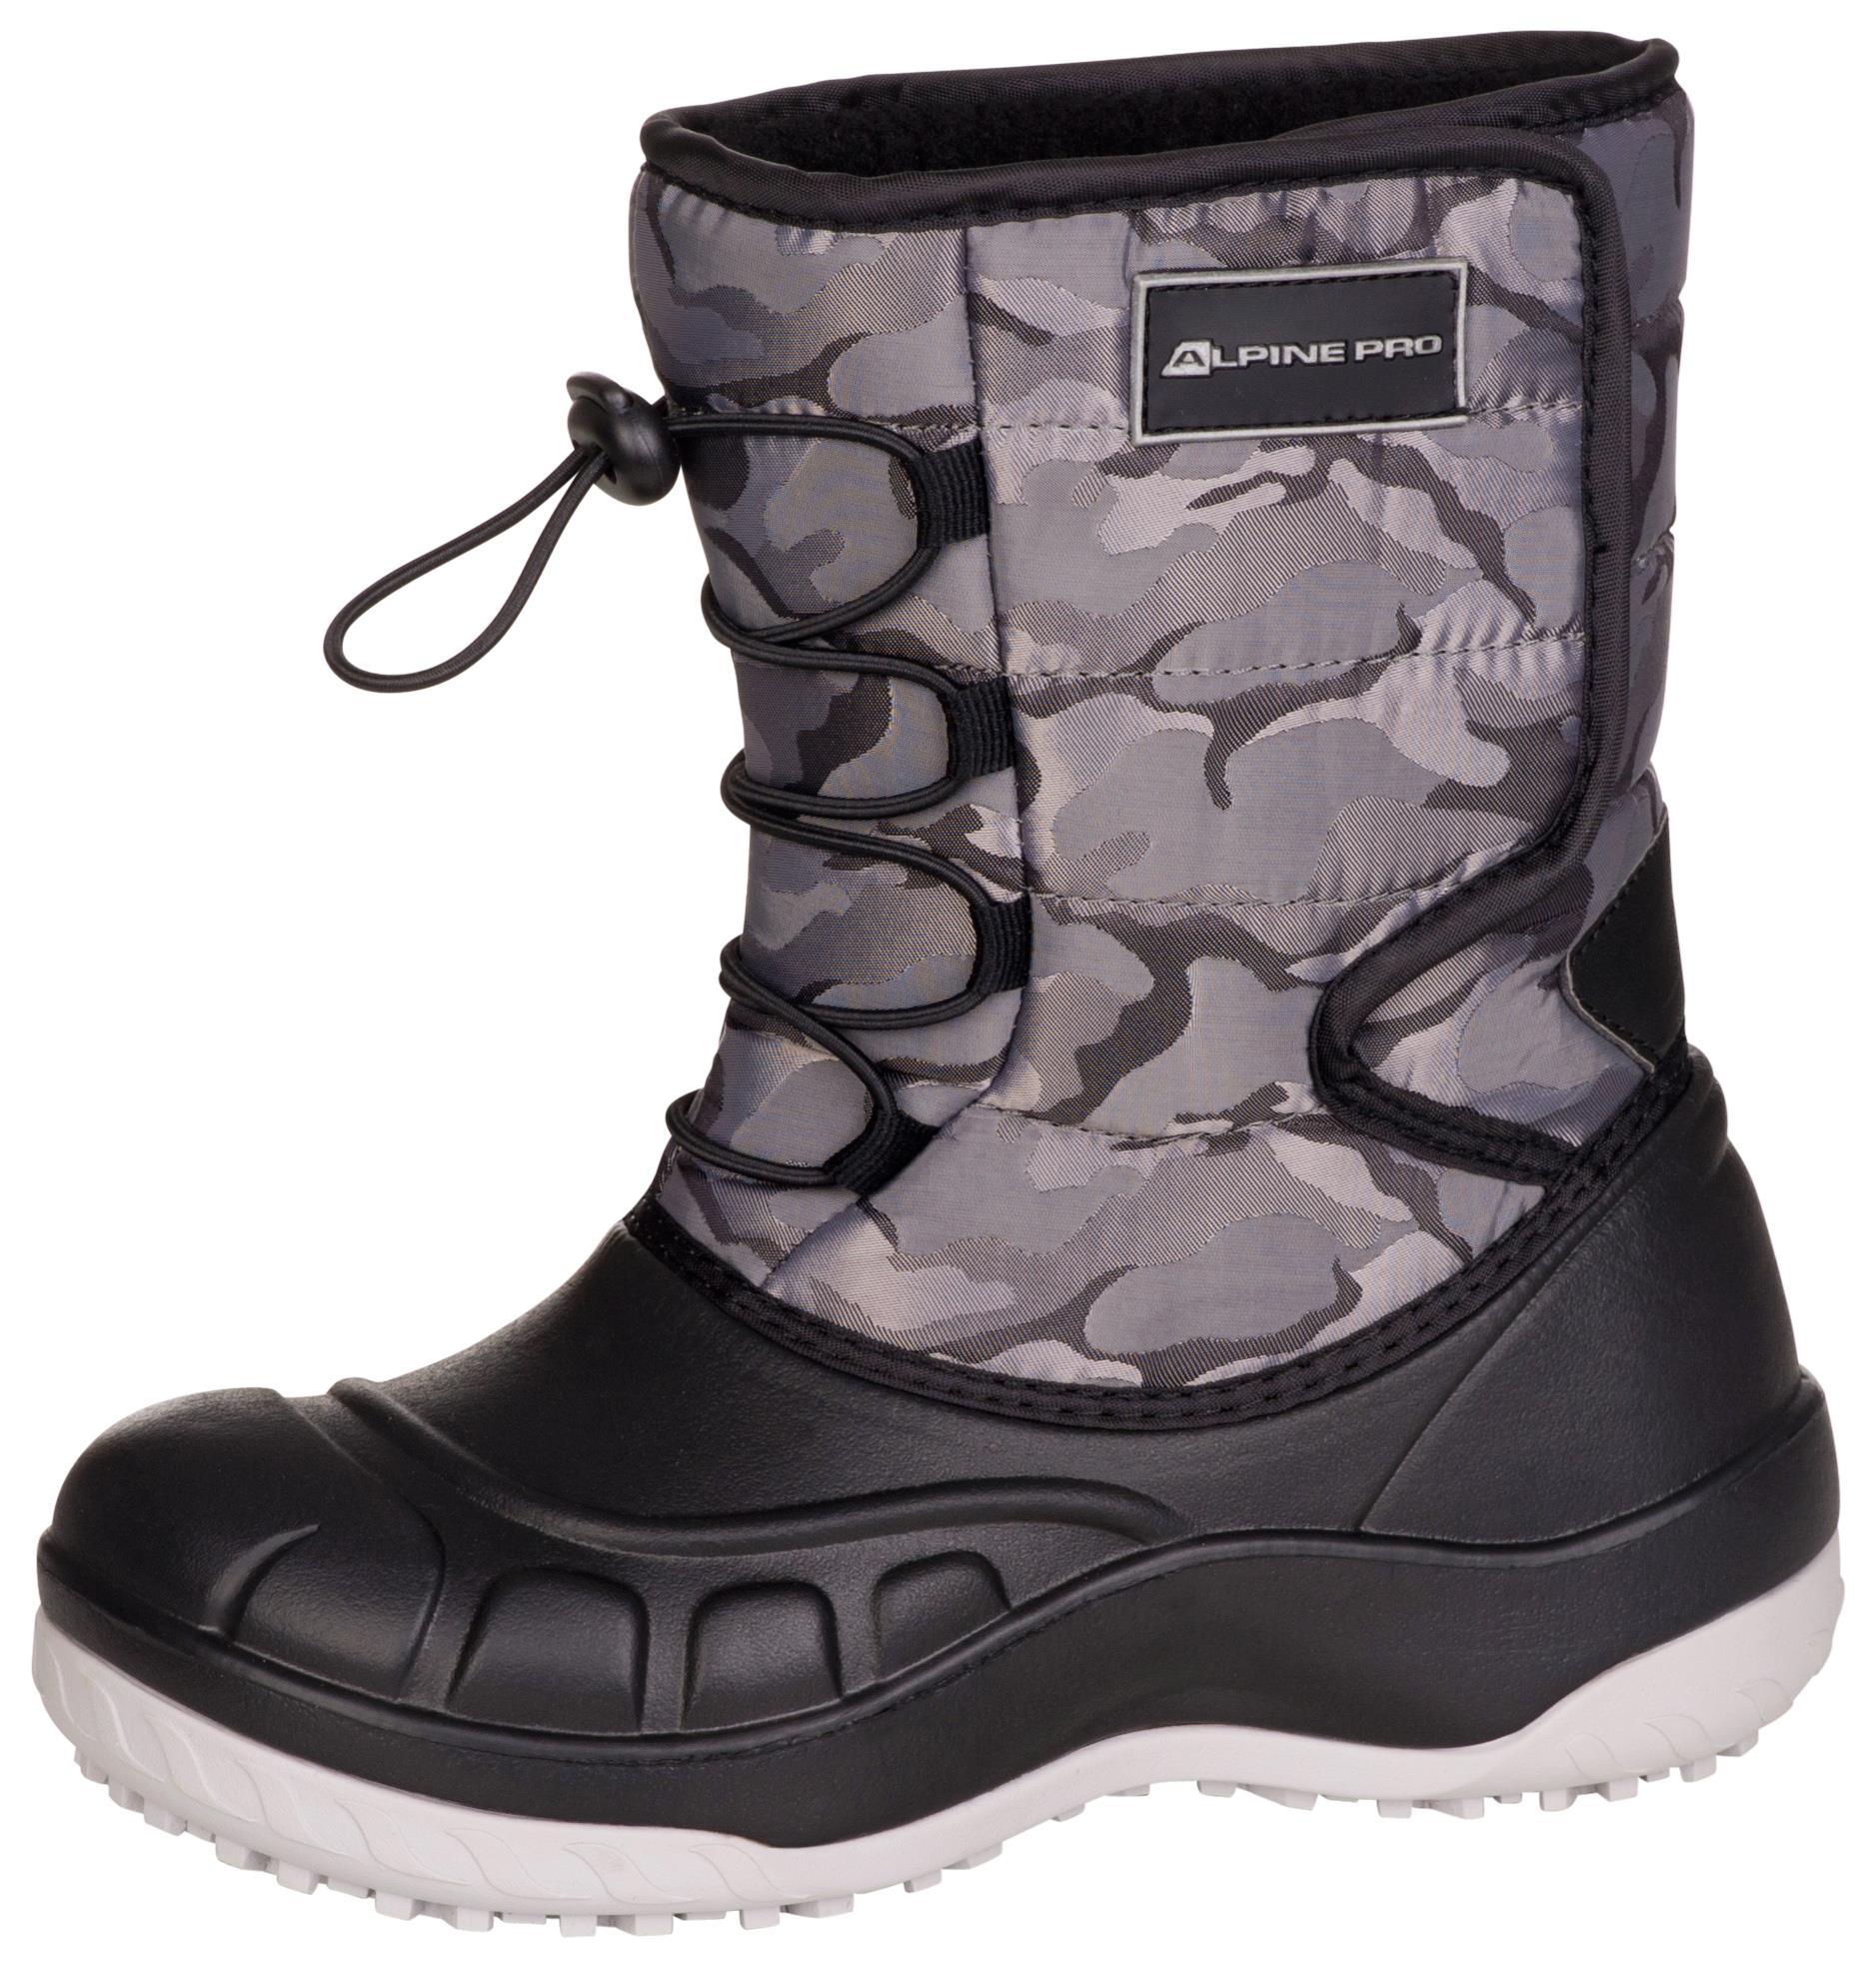 a12fdfb7676 ALPINE PRO AMARO NEUTRÁLNÍ   ZEMITÁ Dětská zimní obuv 24